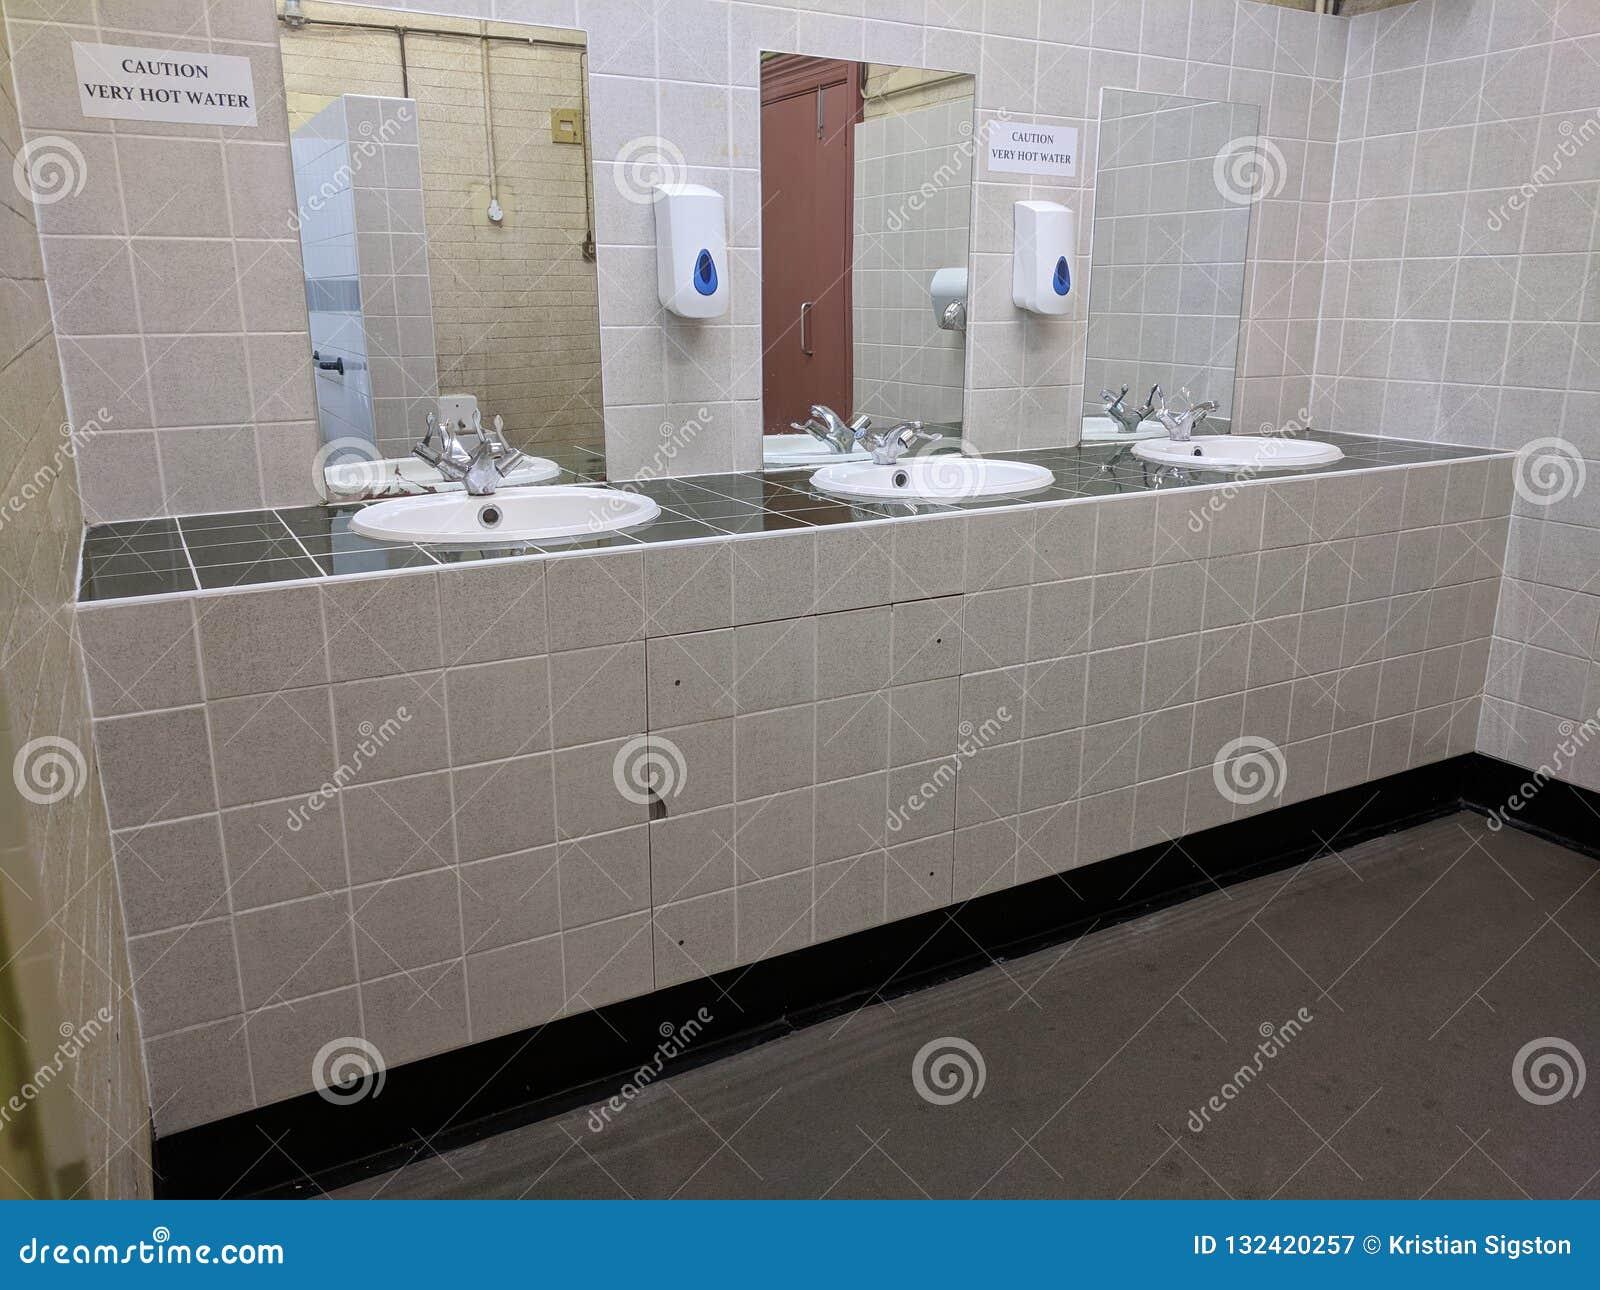 水槽和镜子的等轴测图